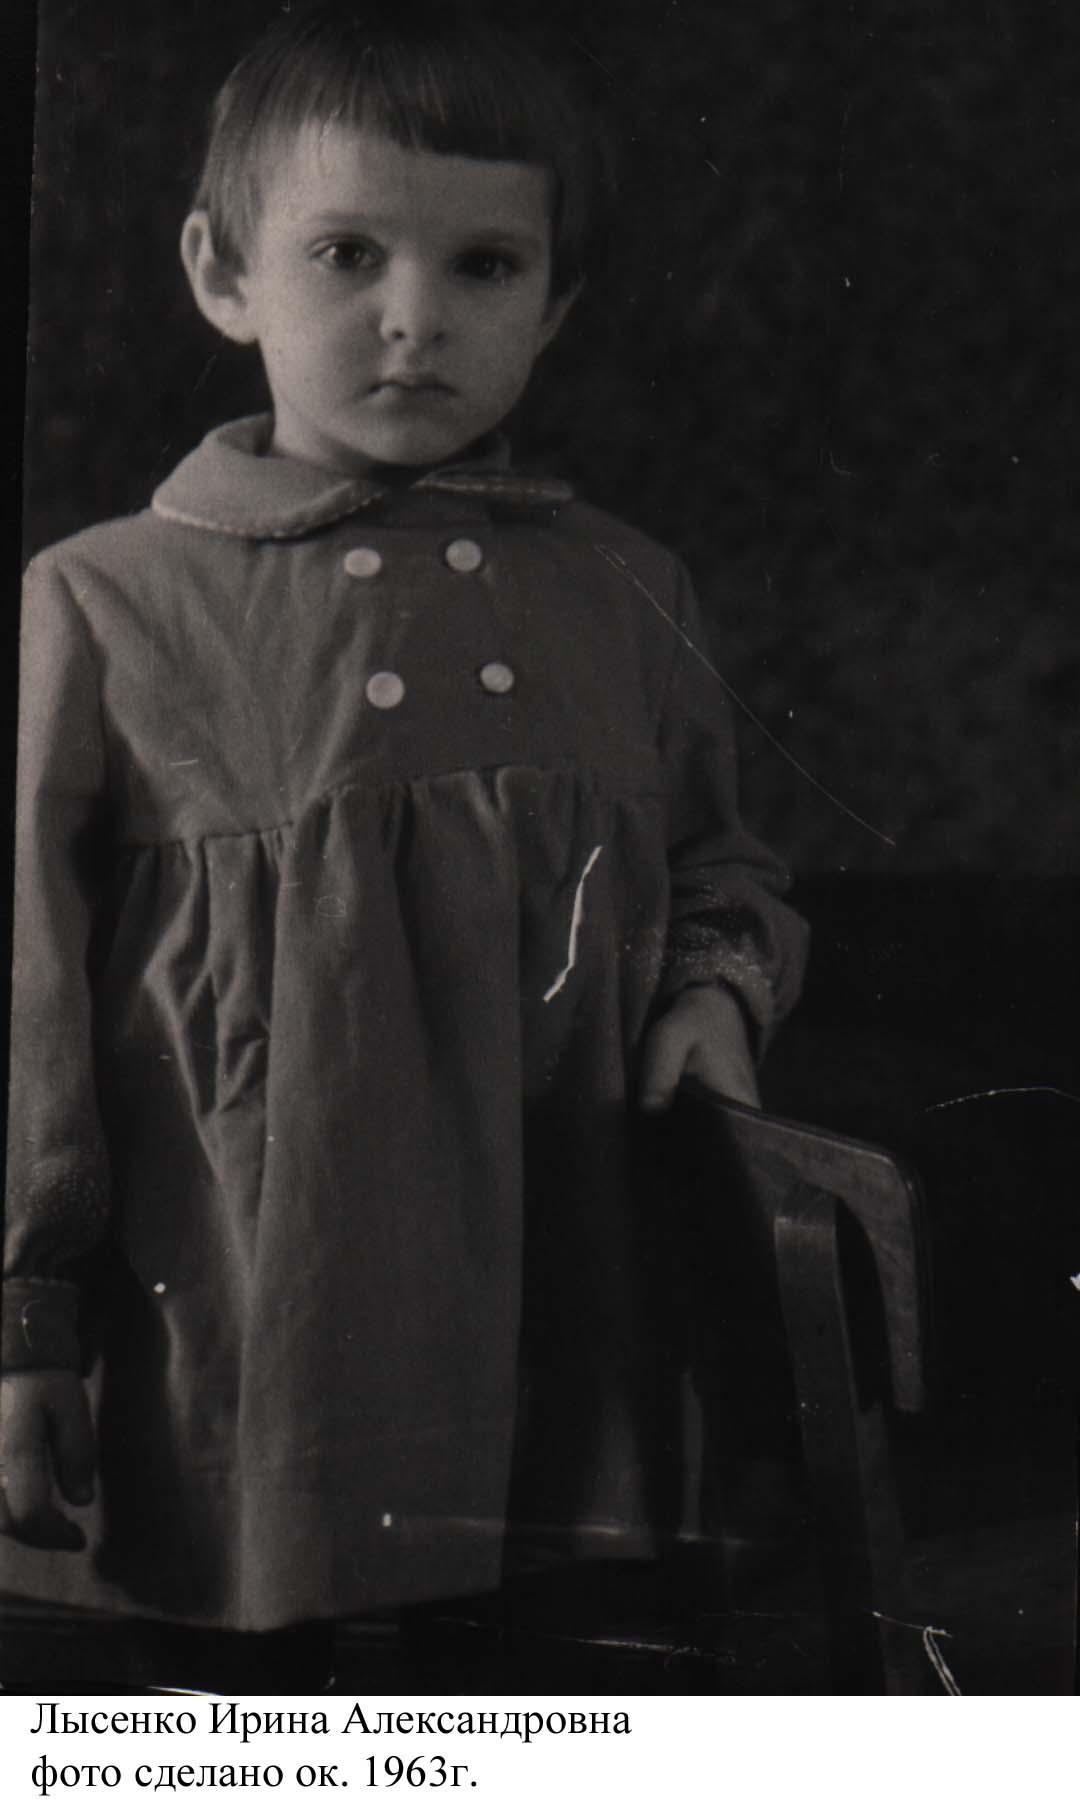 Лысенко Ирина Александровна. Фото сделано около 1963г.